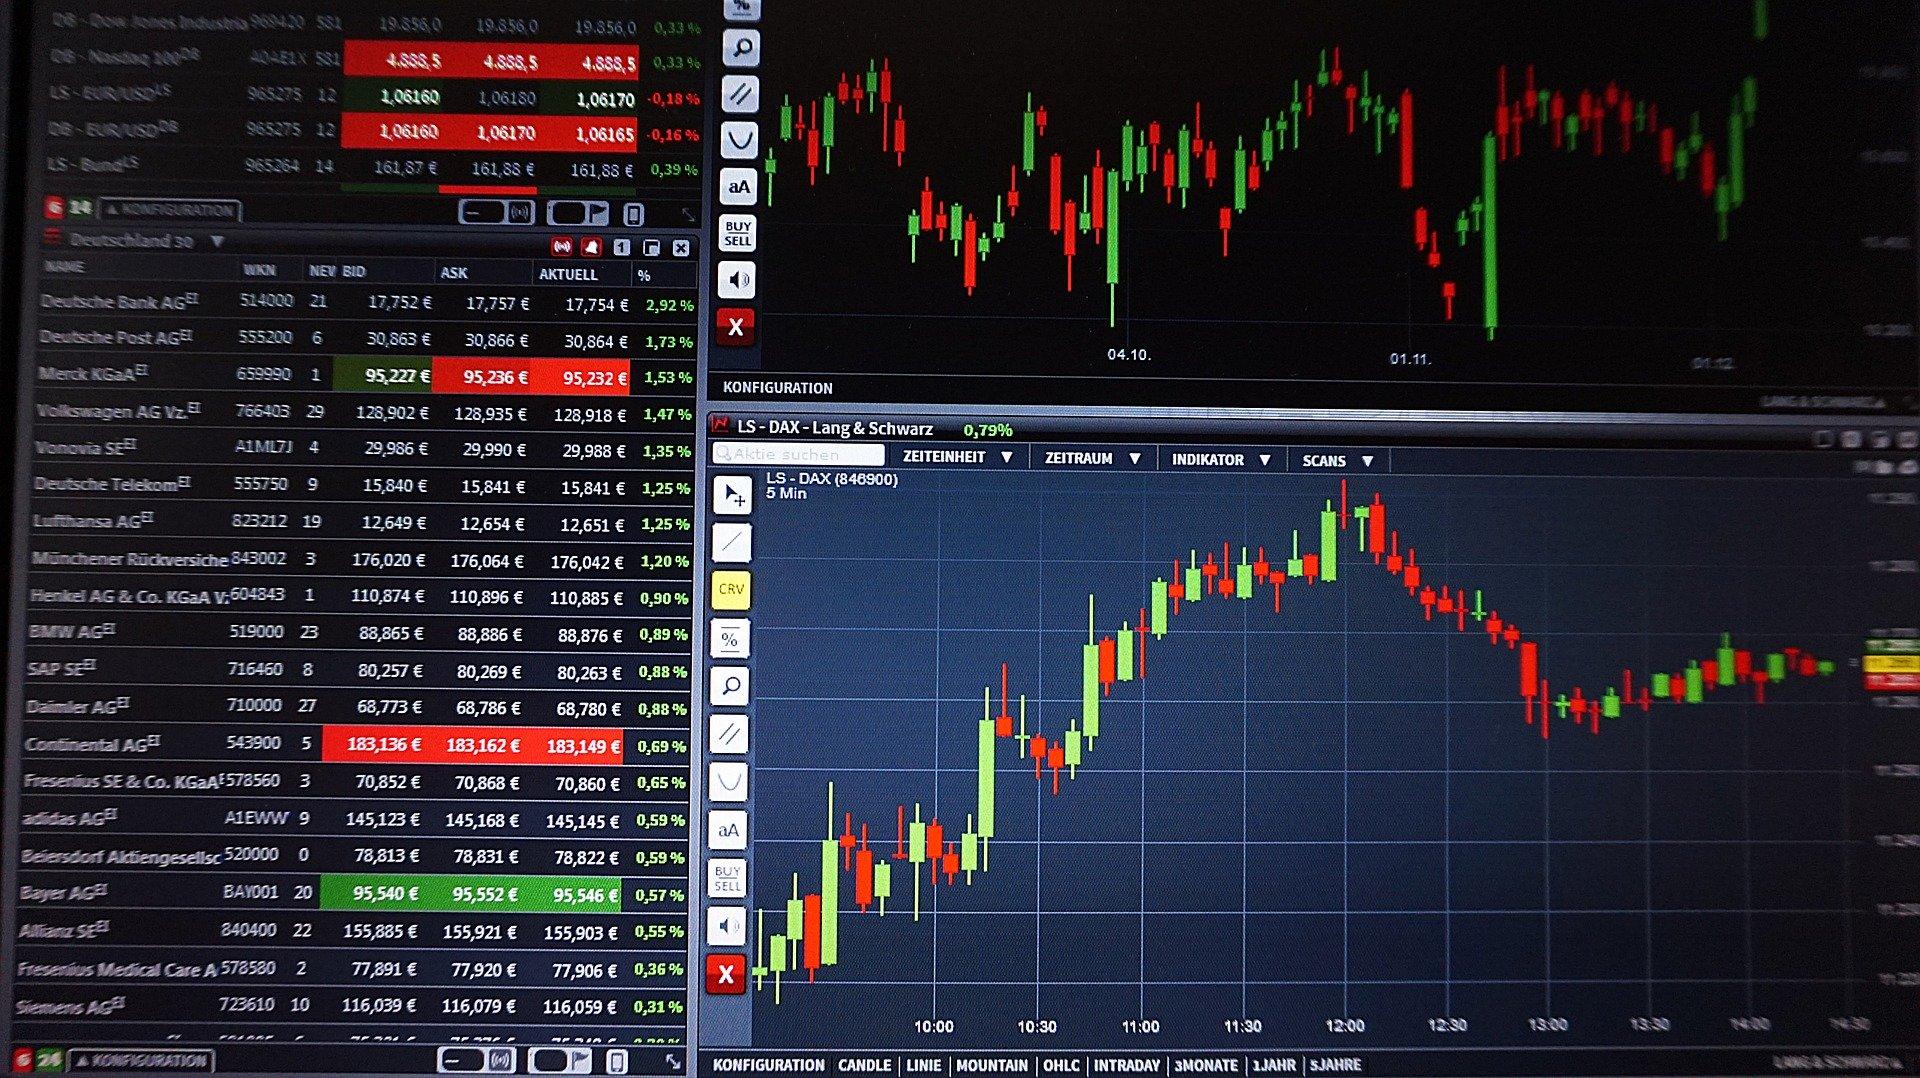 Börse Broker Vergleich